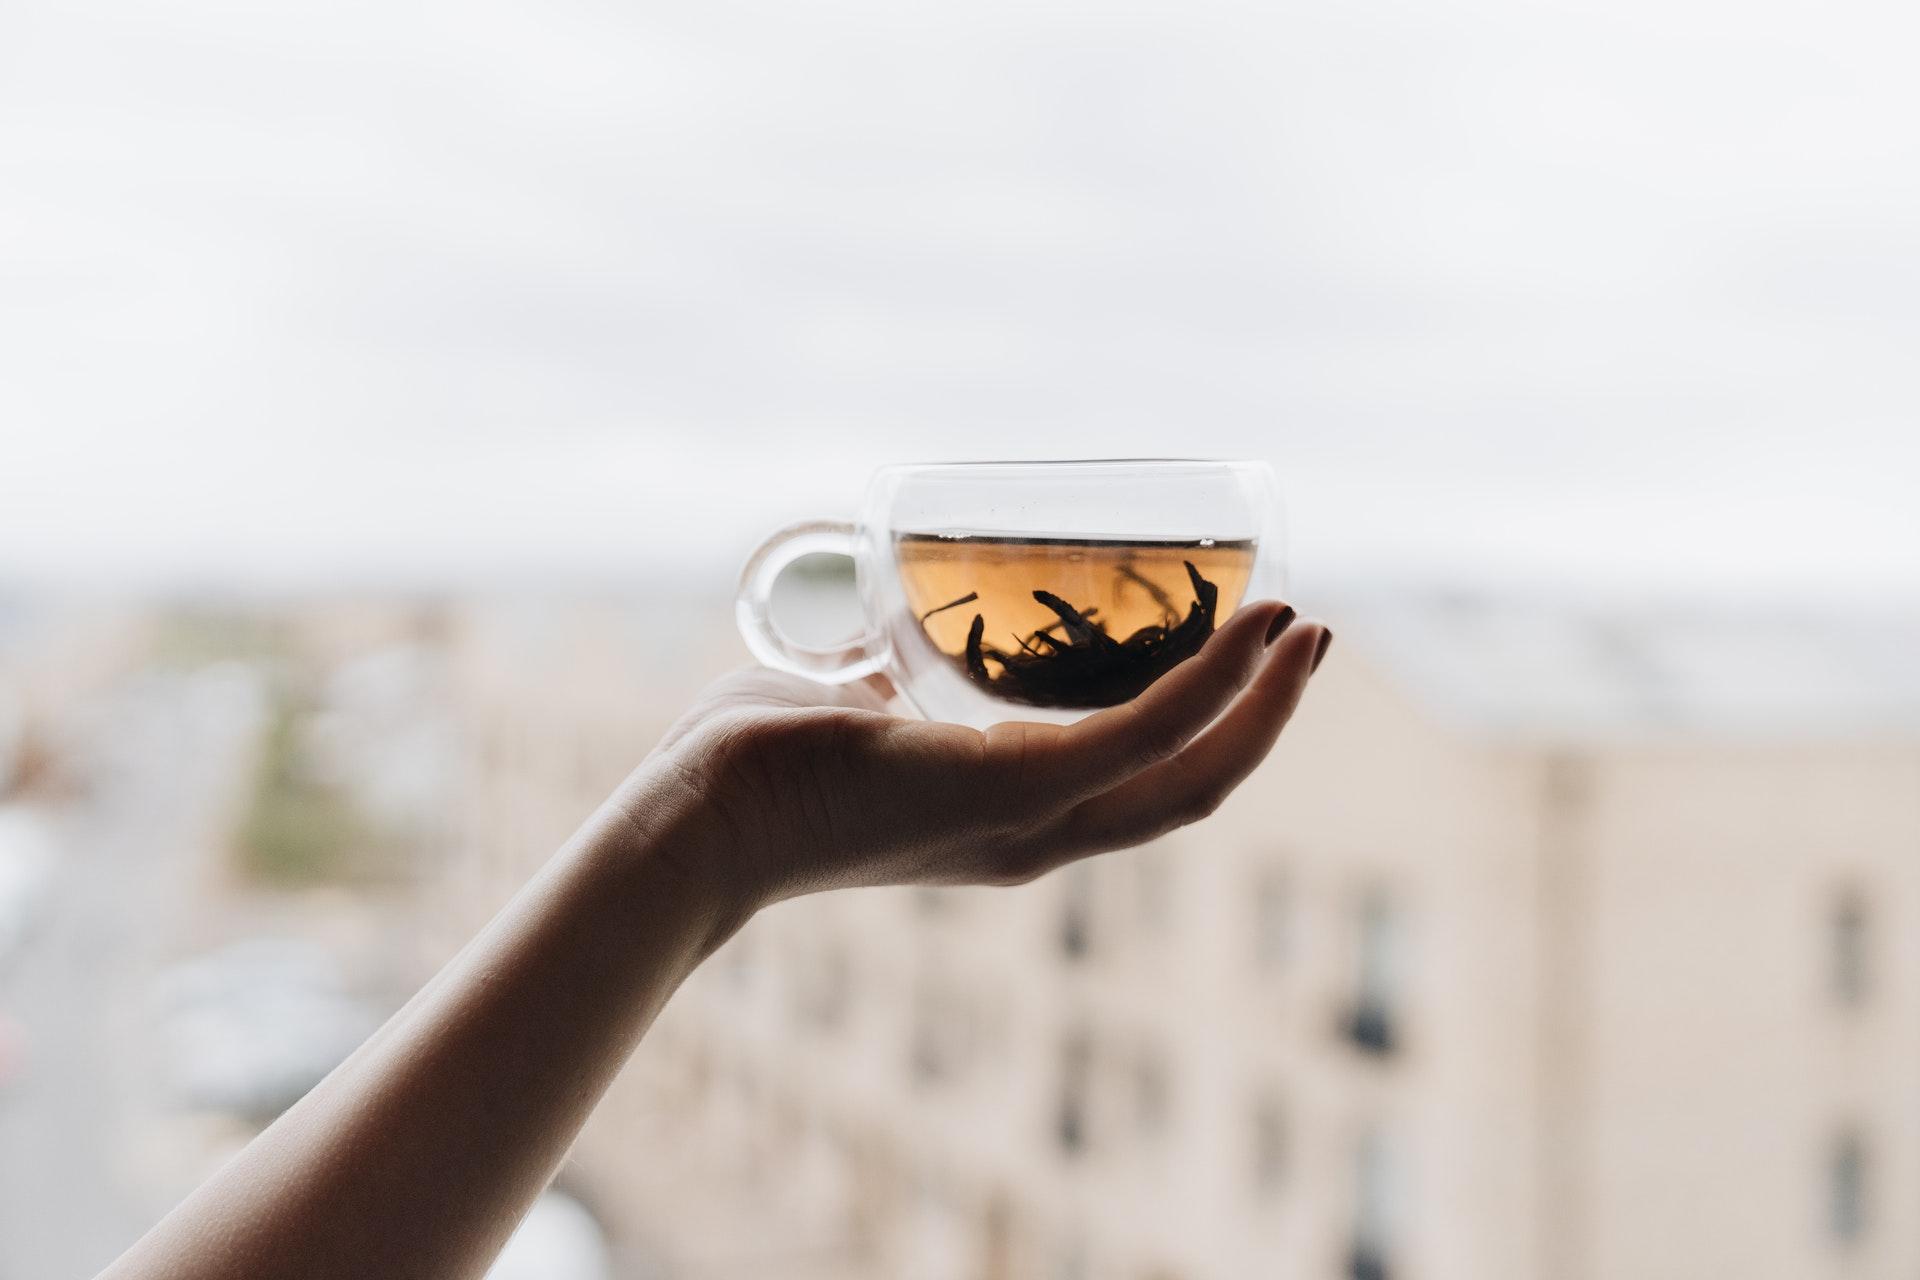 Популярный у граждан РФ чай может защитить от рака, диабета и болезней сердца